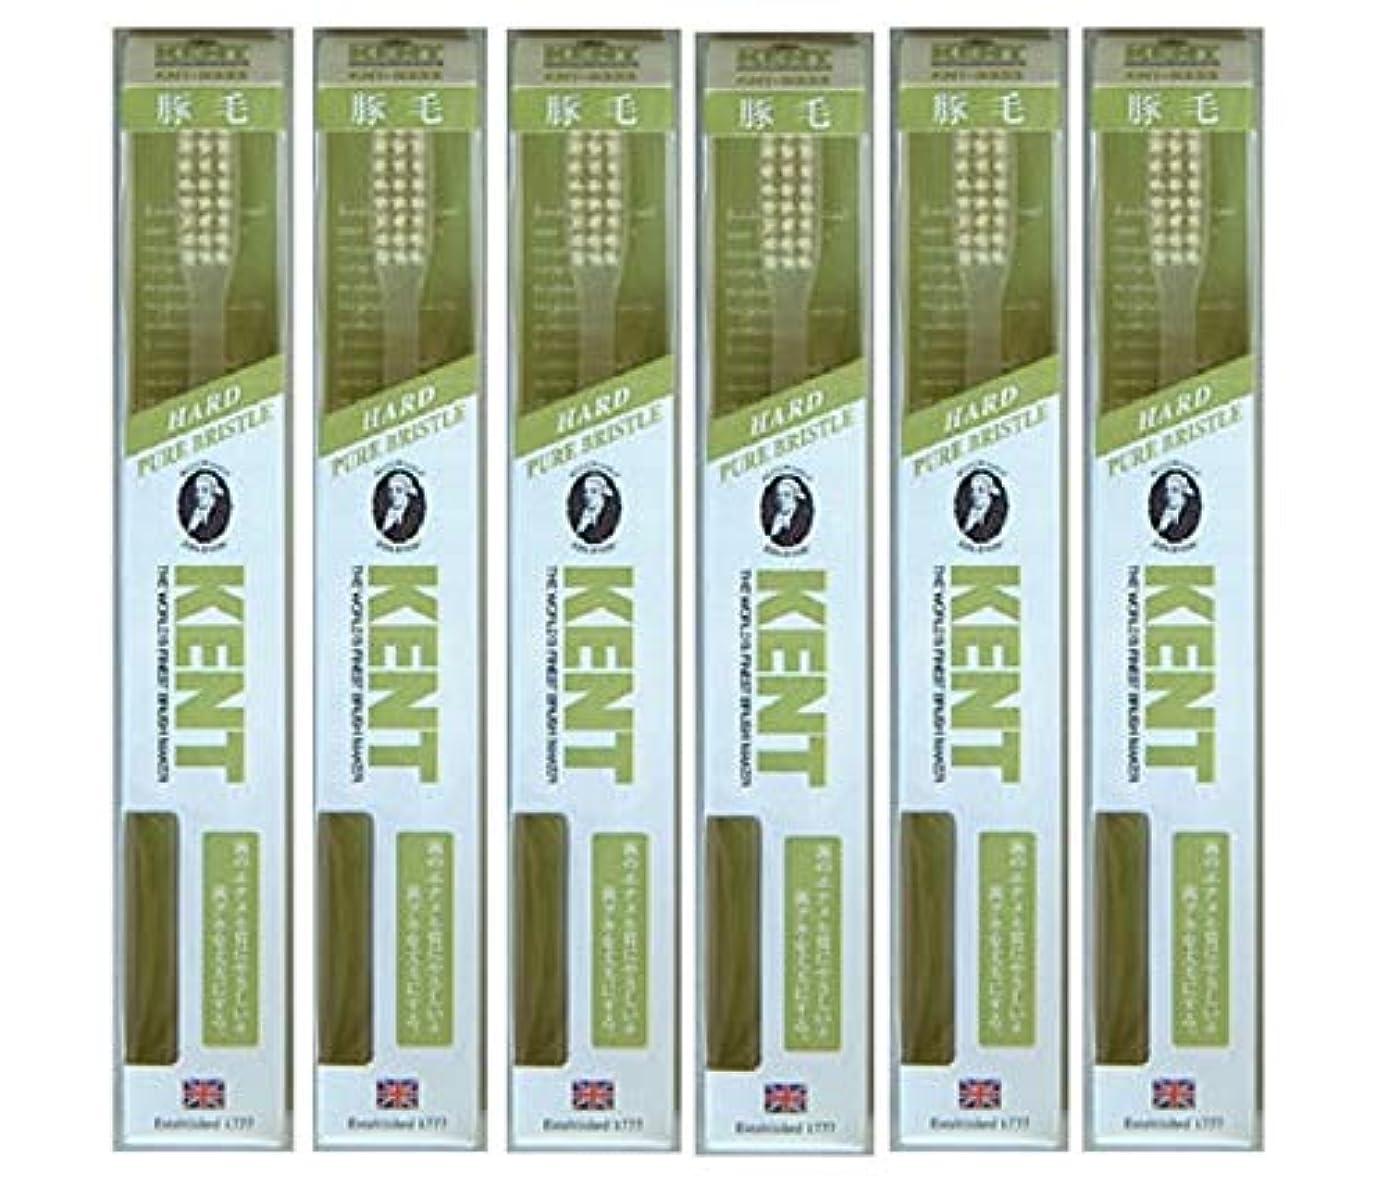 バイオレット消費者いつでも【6本セット】KENT 豚毛歯ブラシ KNT-9333 ラージヘッド かため